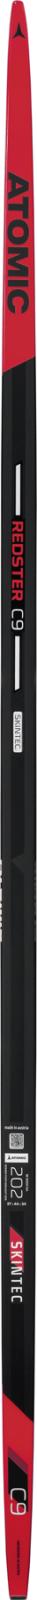 Atomic Redster C9 Skintec X Stiff